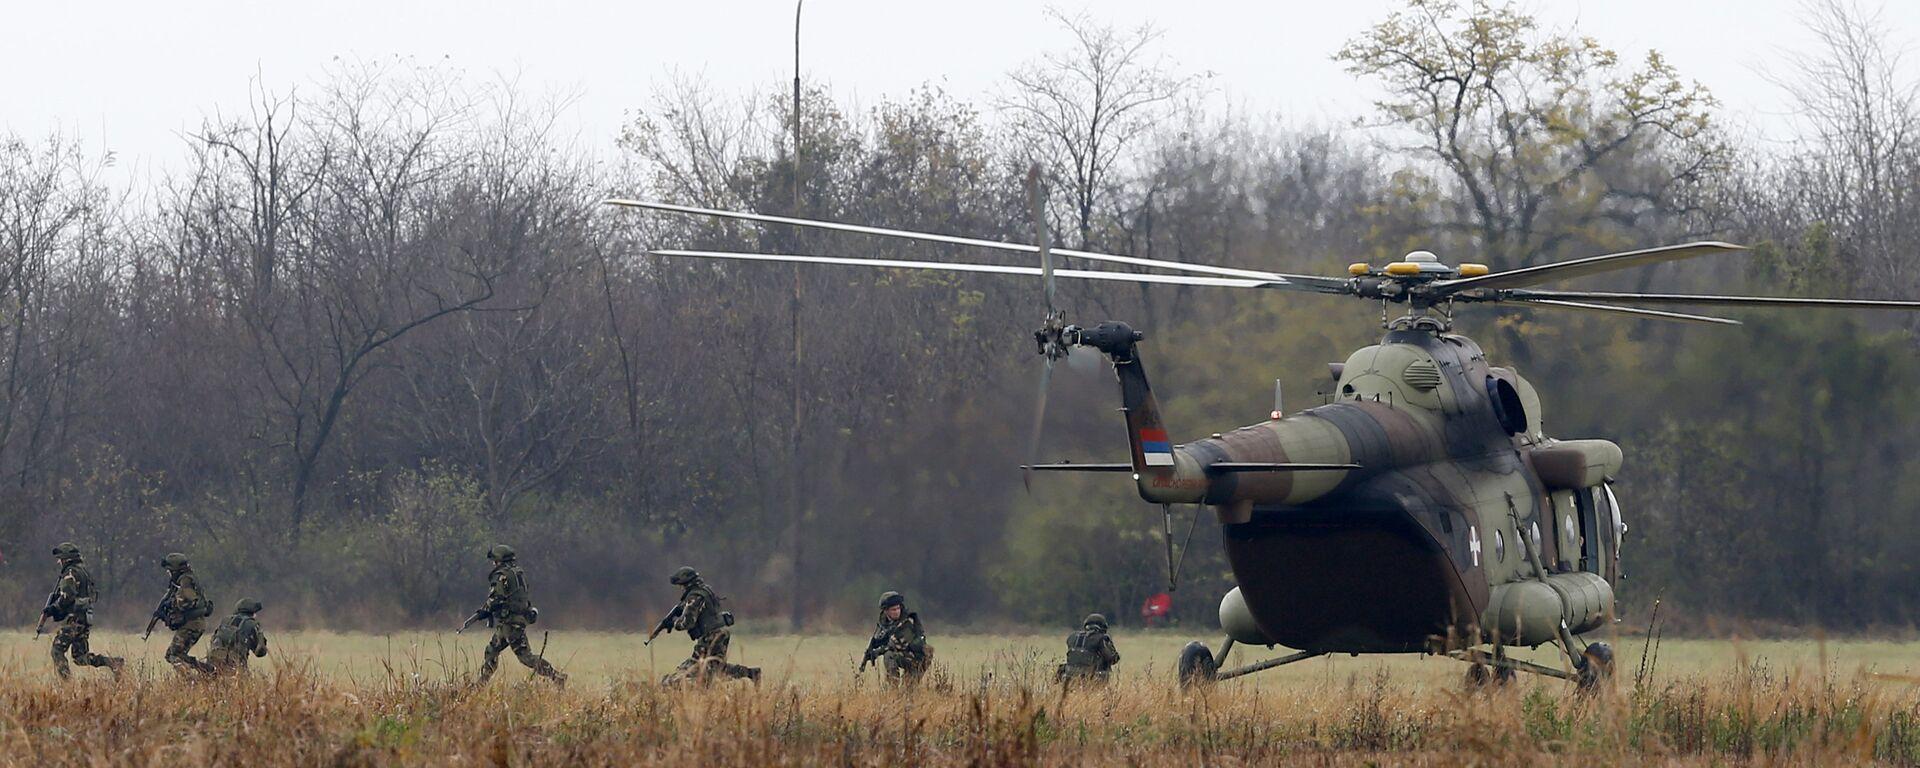 Srpski, ruski i beloruski vojnici desantirali su iz aviona Il - 76, ali i iz helikoptera Mi 8 i Mi 17, kako bi sa zemlje uništili teroriste. - Sputnik Srbija, 1920, 21.08.2021